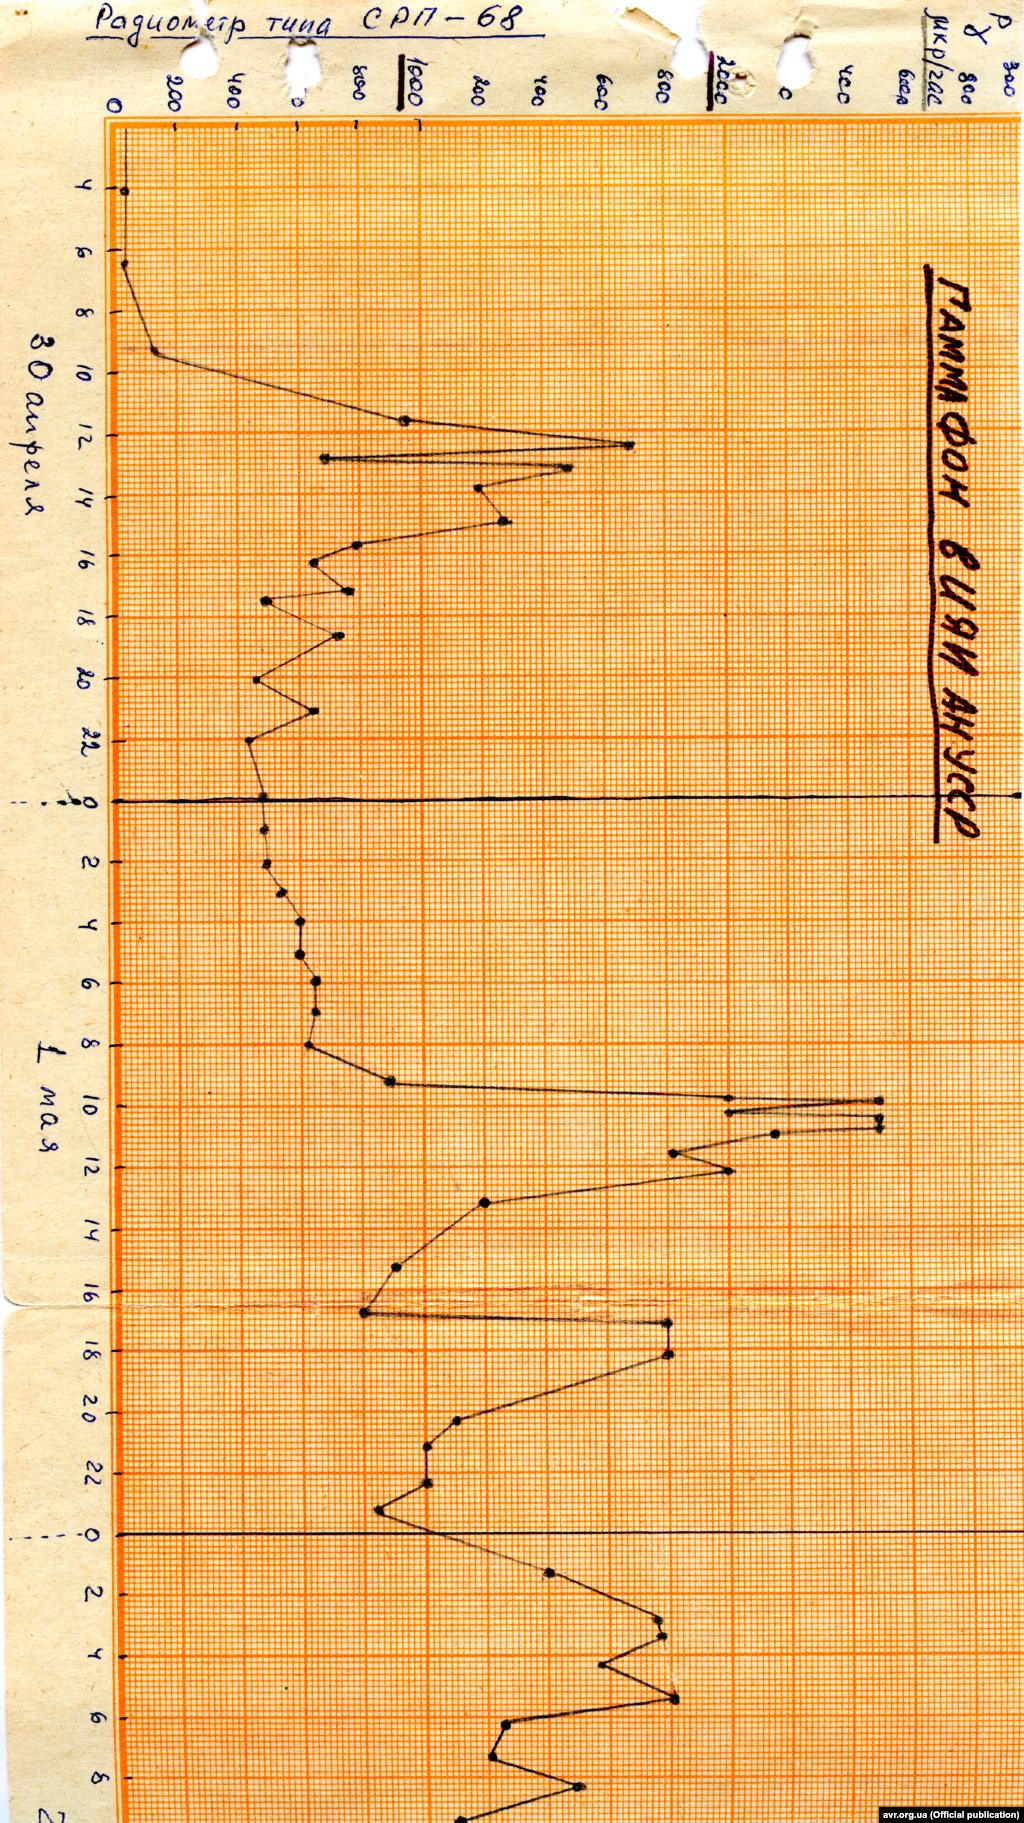 Графік виміру радіації в місті Києві на 1 травня 1986 року (стор. 1)